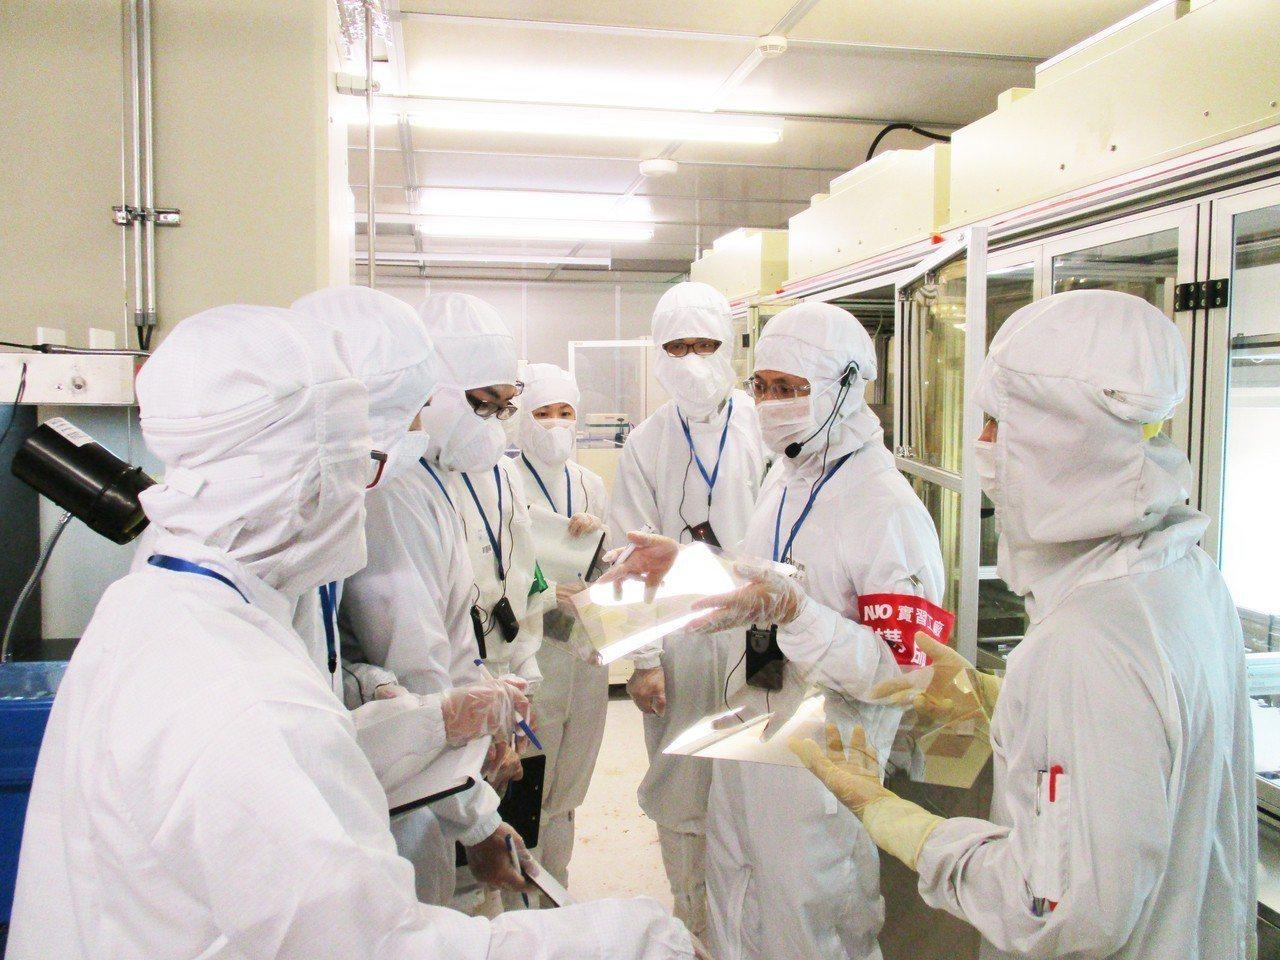 友達首創結合理論與實務的液晶面板實習工廠,幫助學生實地了解面板產業及工作環境。圖...